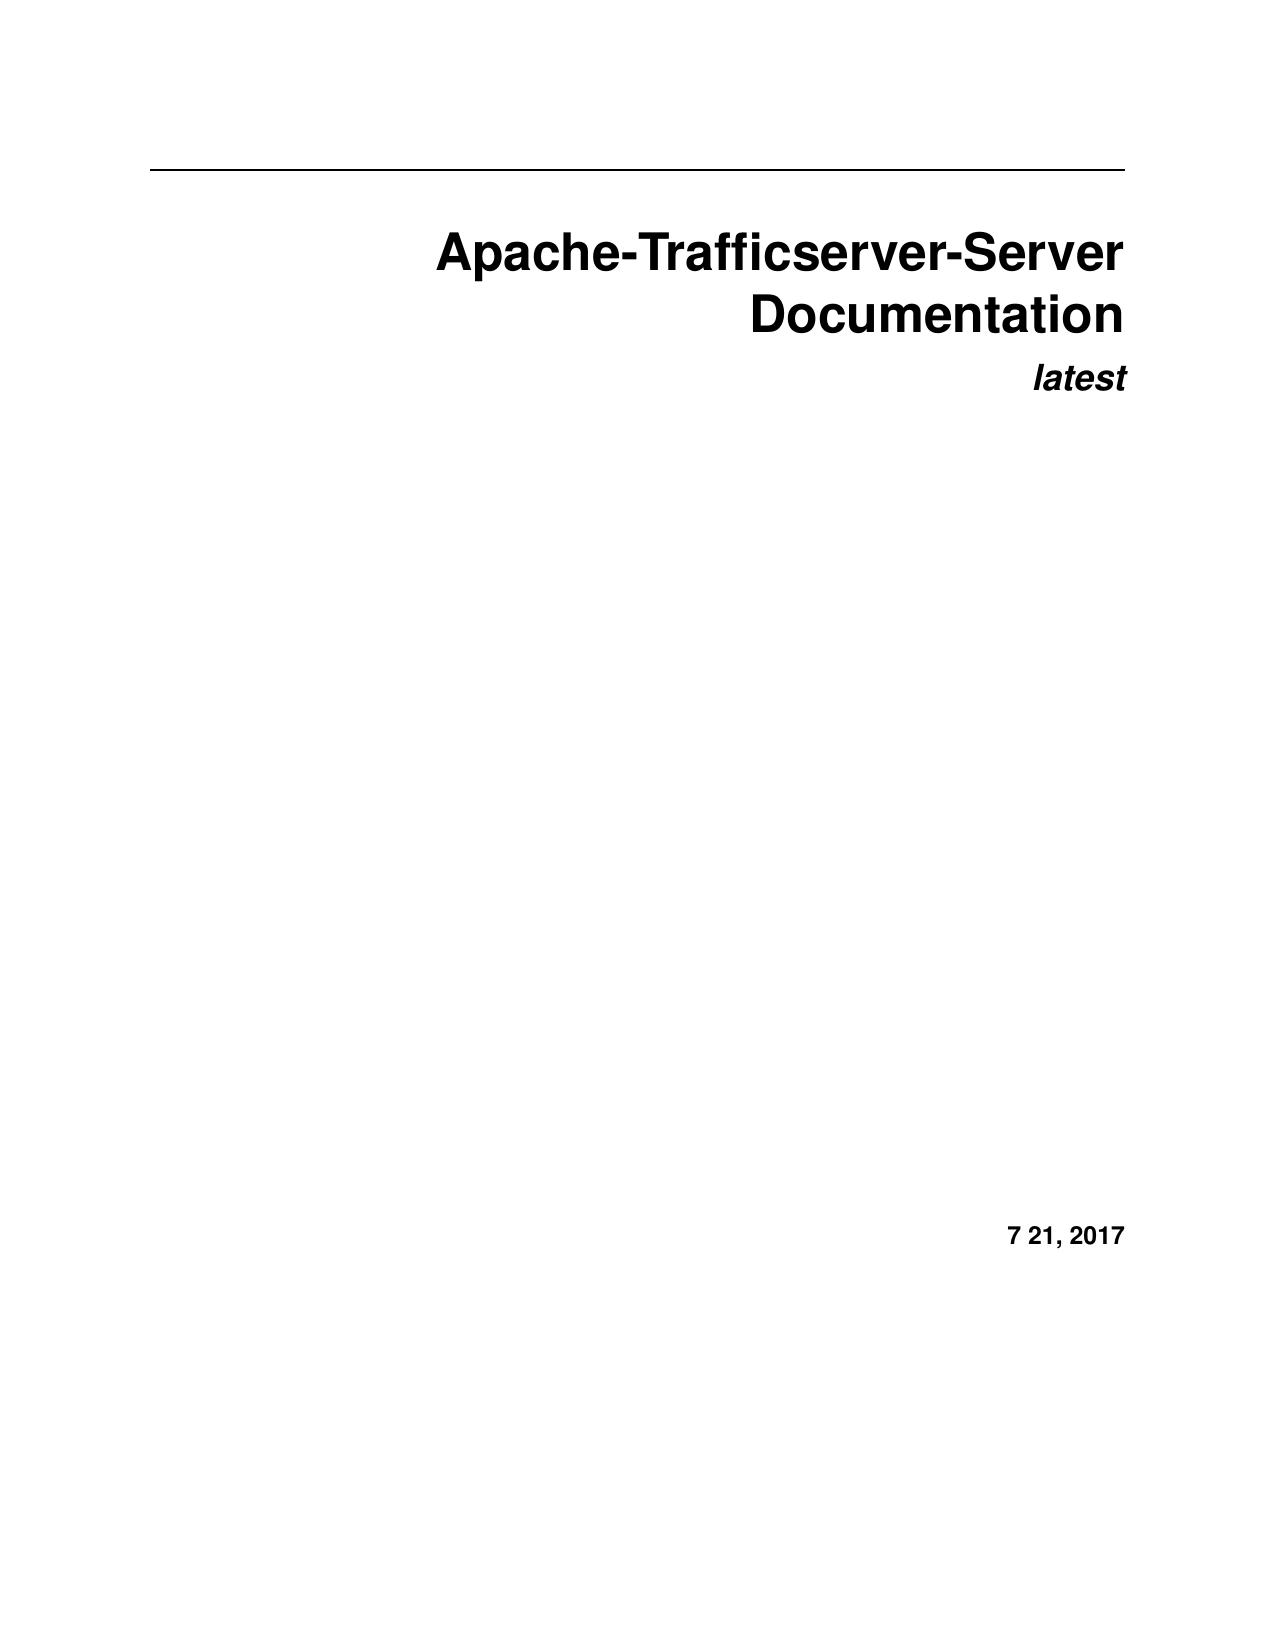 Apache-Trafficserver-Server Documentation | manualzz com